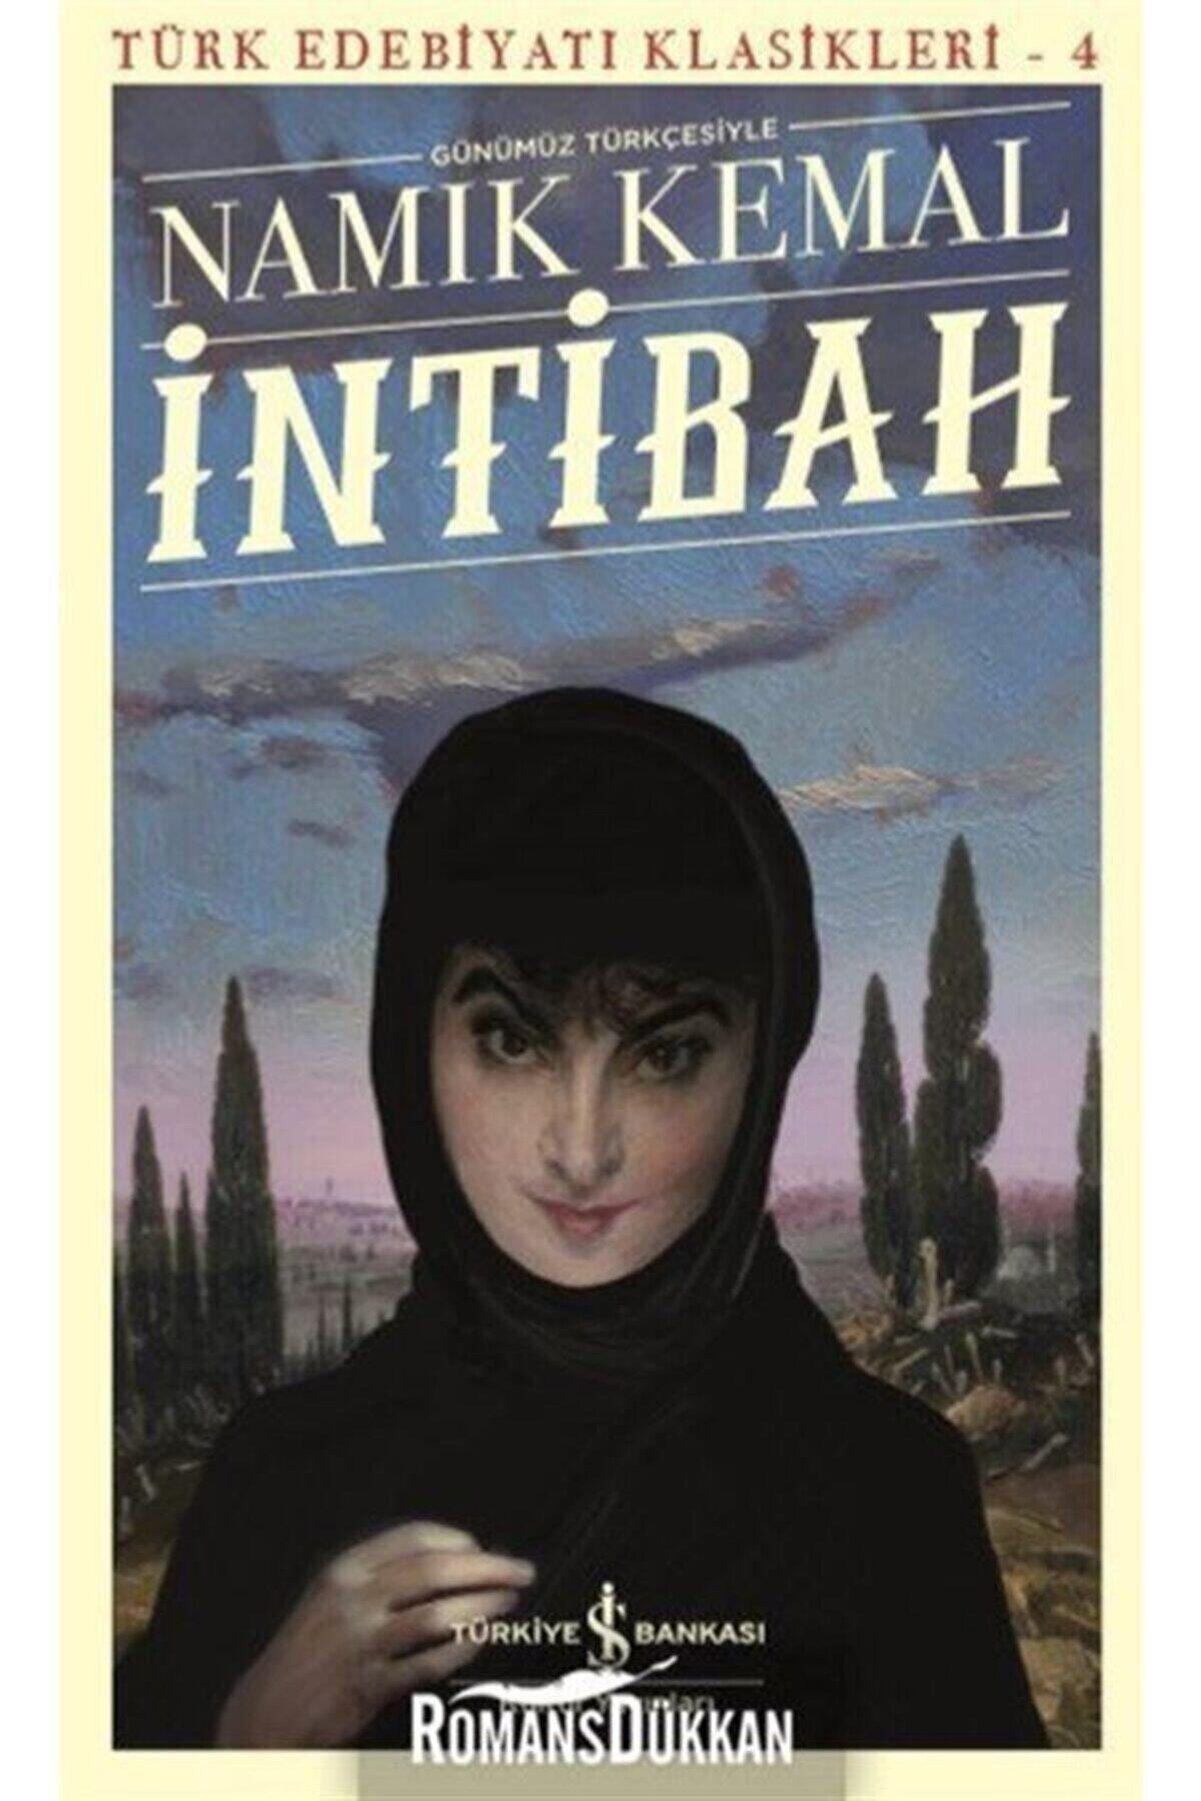 İş Bankası Kültür Yayınları Intibah-türk Edebiyatı Klasikleri 4